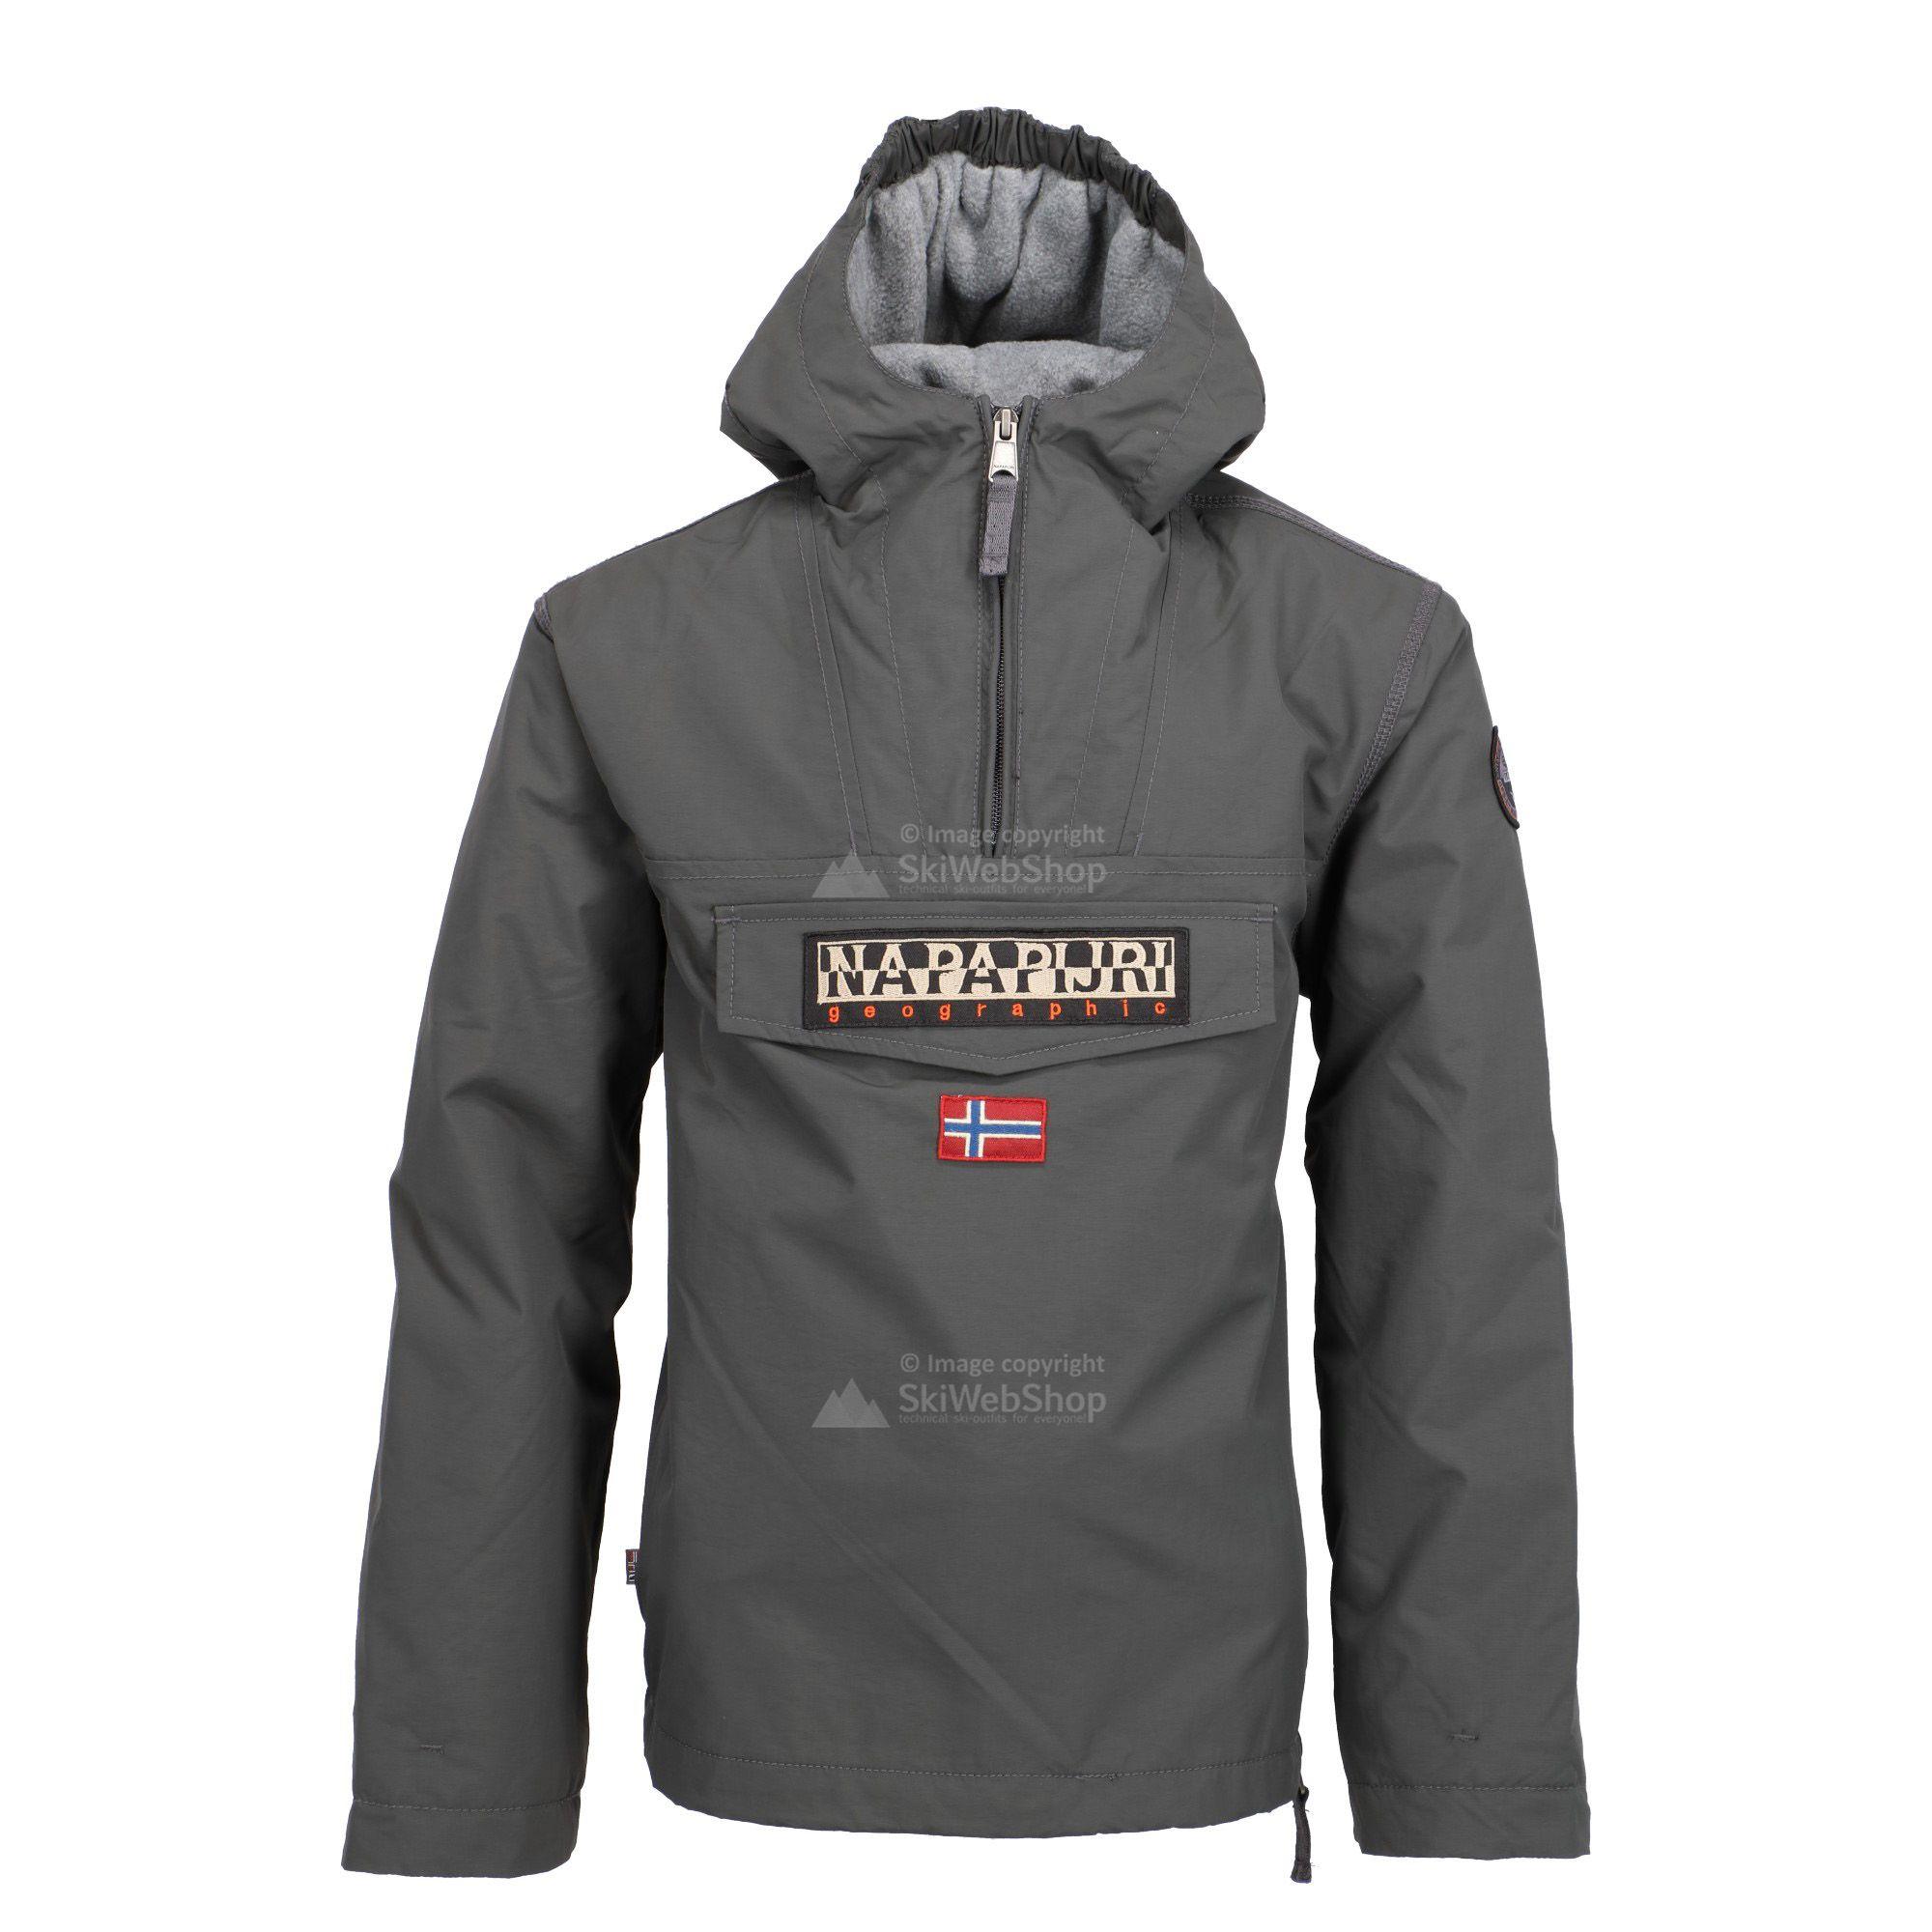 Napapijri, Rainforest anorak, giacca invernale, bambino